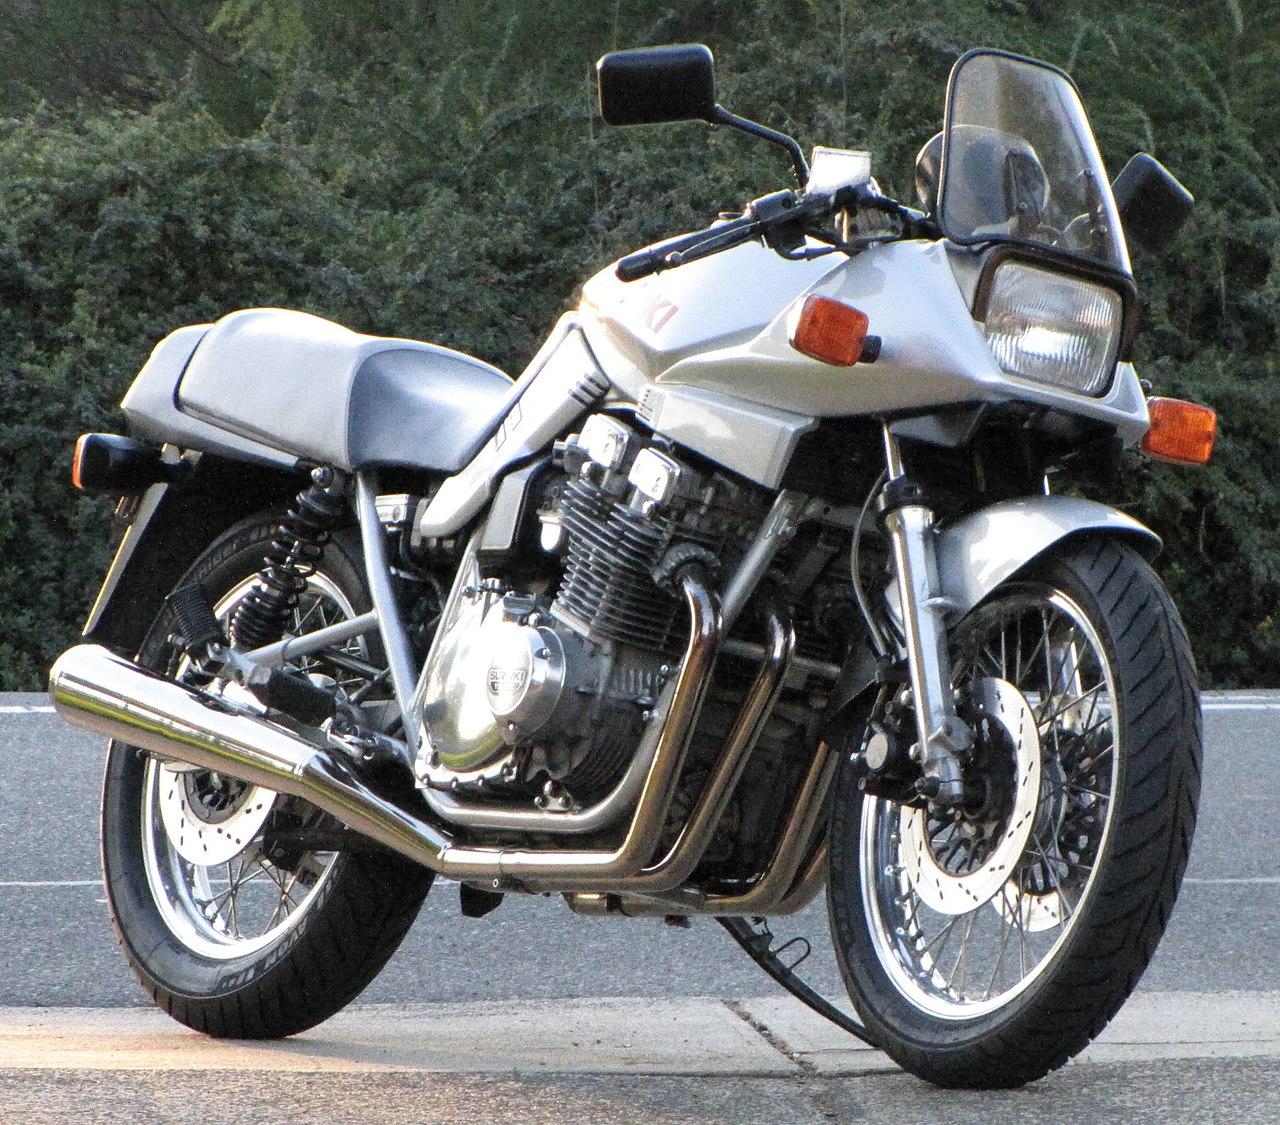 1280px Suzukikatana1100 2010